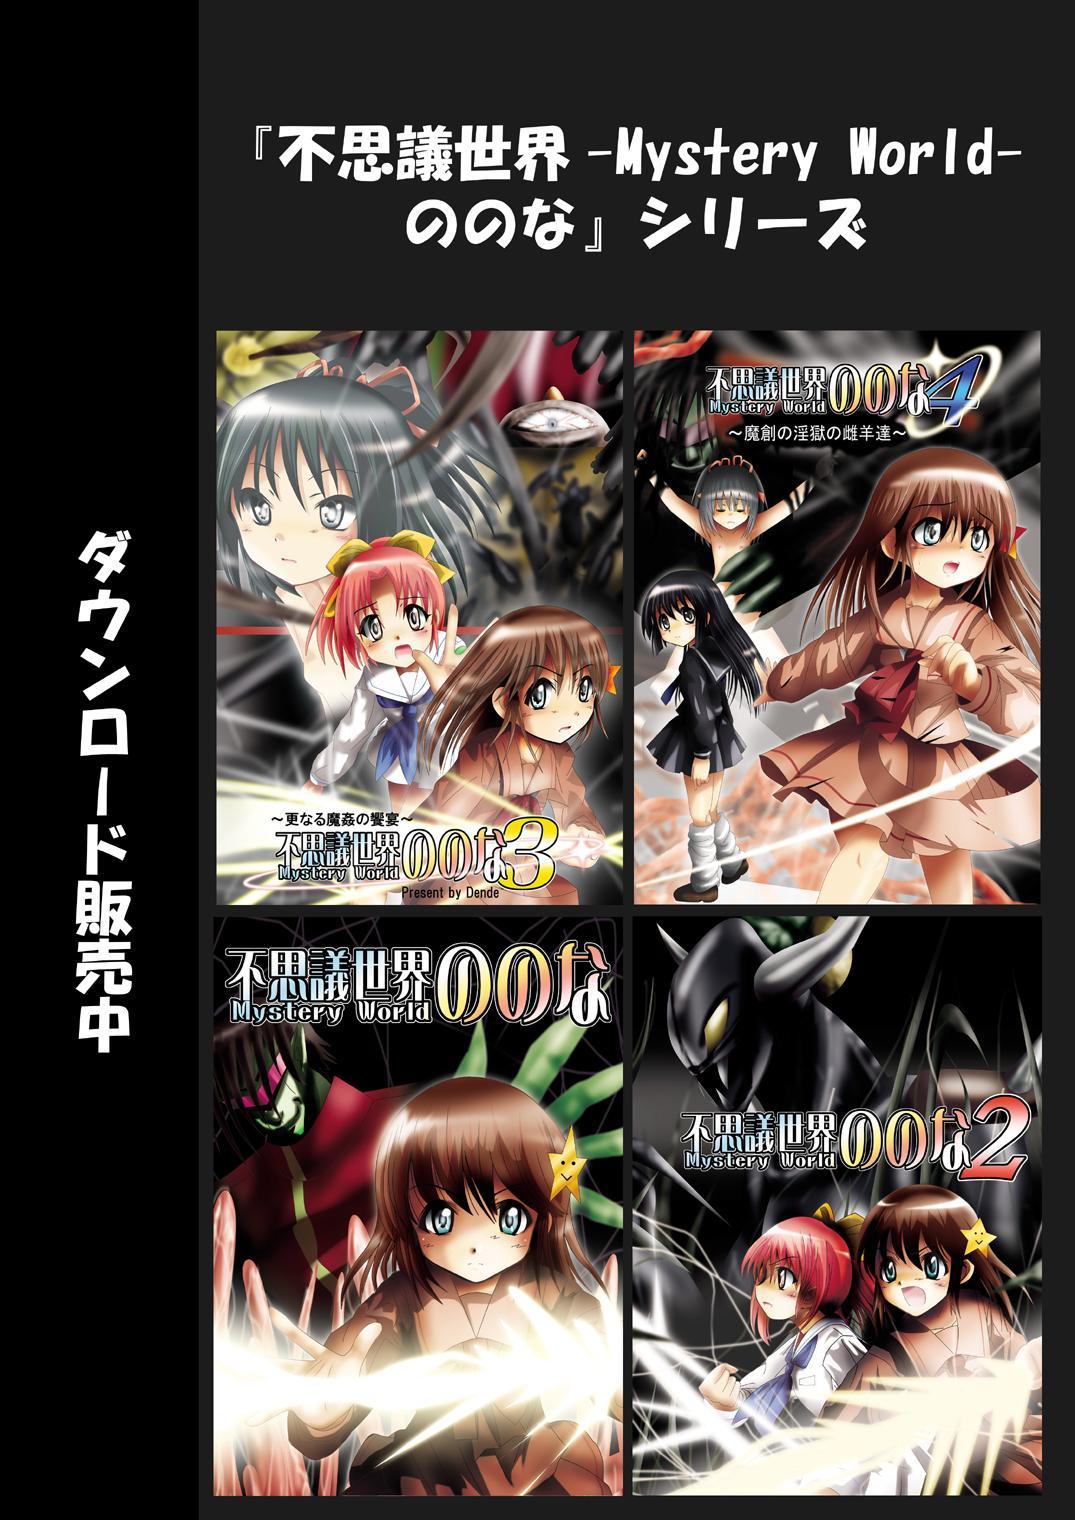 [Dende] Fushigi Sekai -Mystery World- Nonoha 5 ~Jokuma no Kyouniku no Tainai Shinshoku~ 144